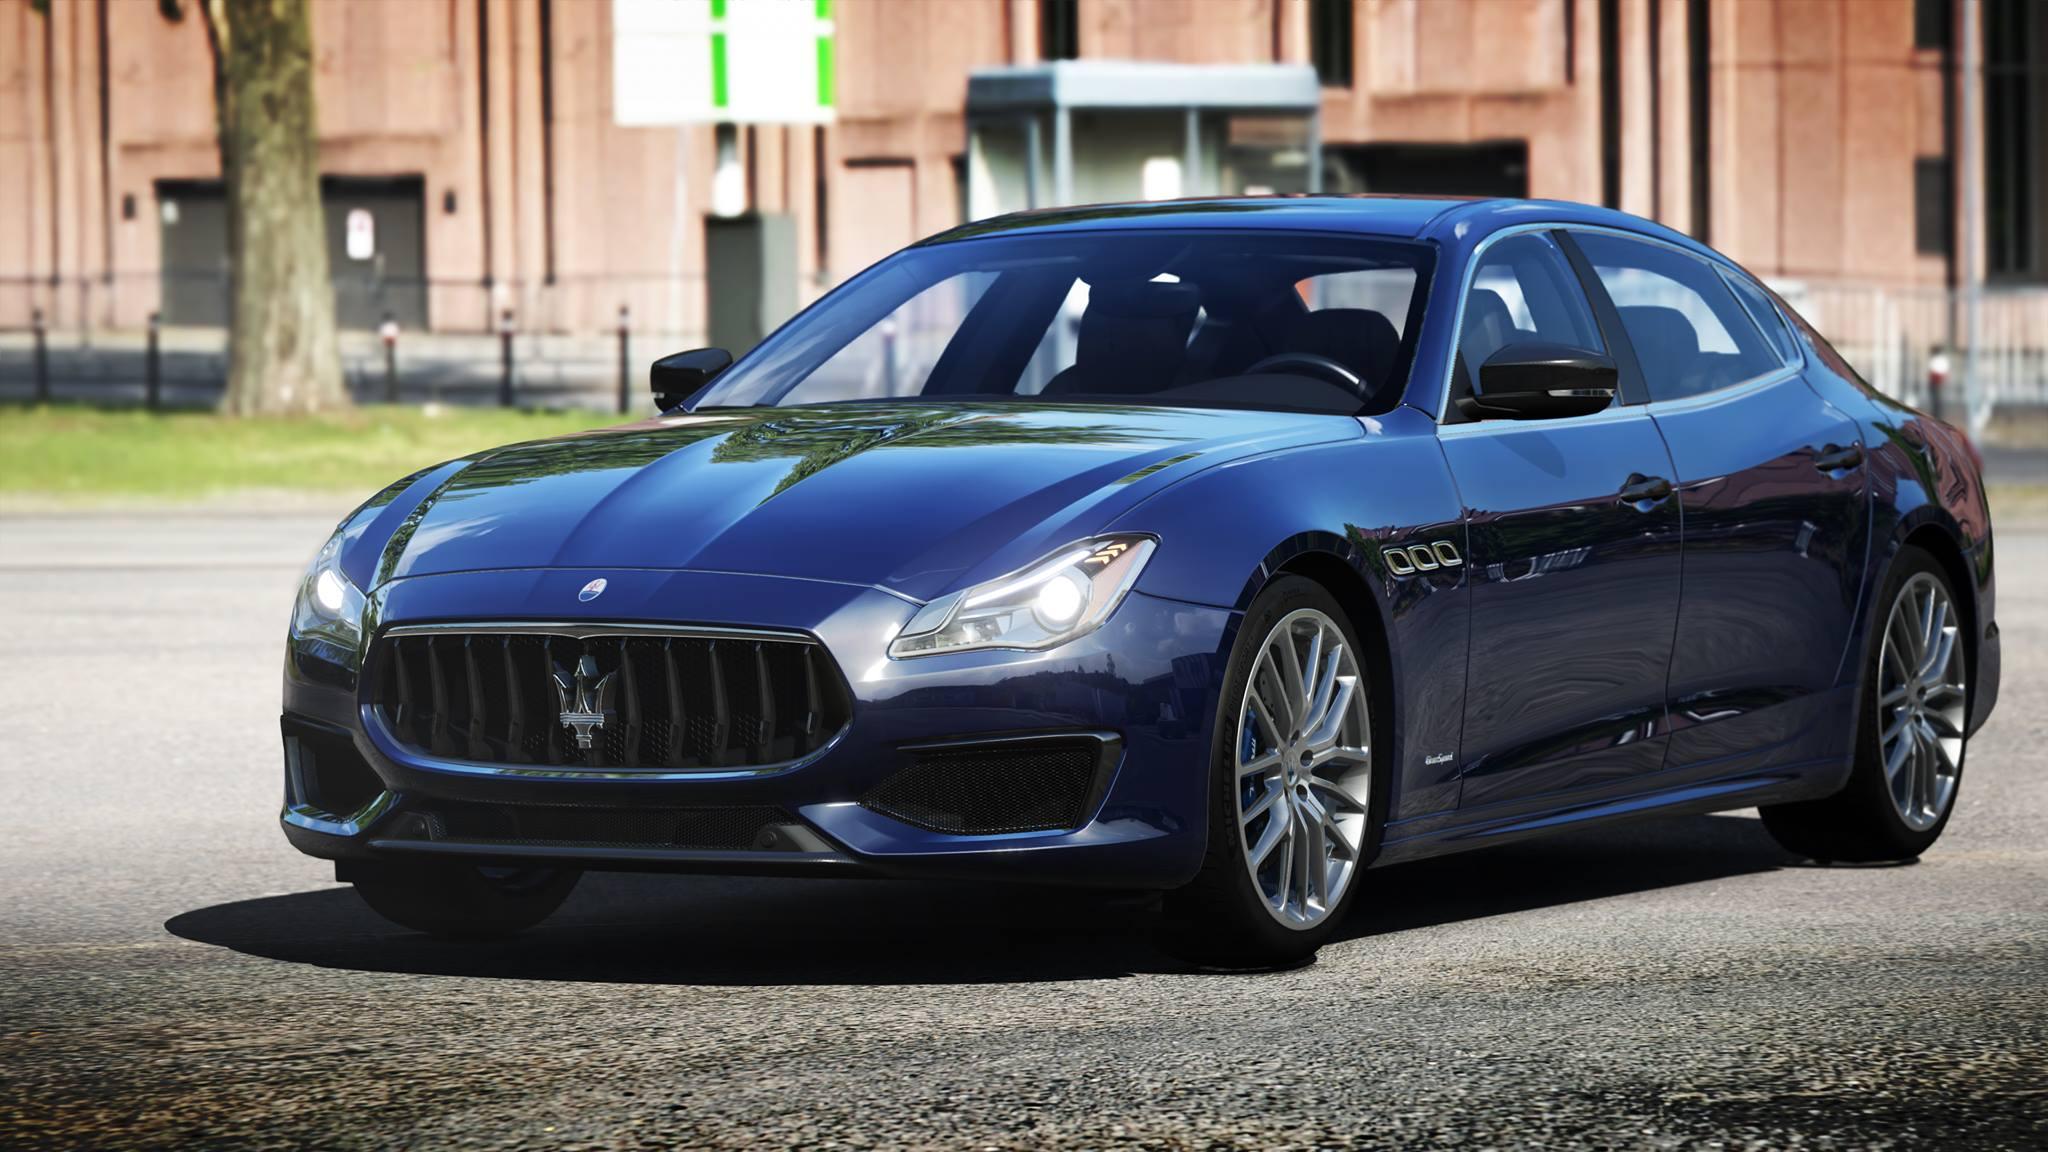 Assetto Corsa Maserati Quattroporte